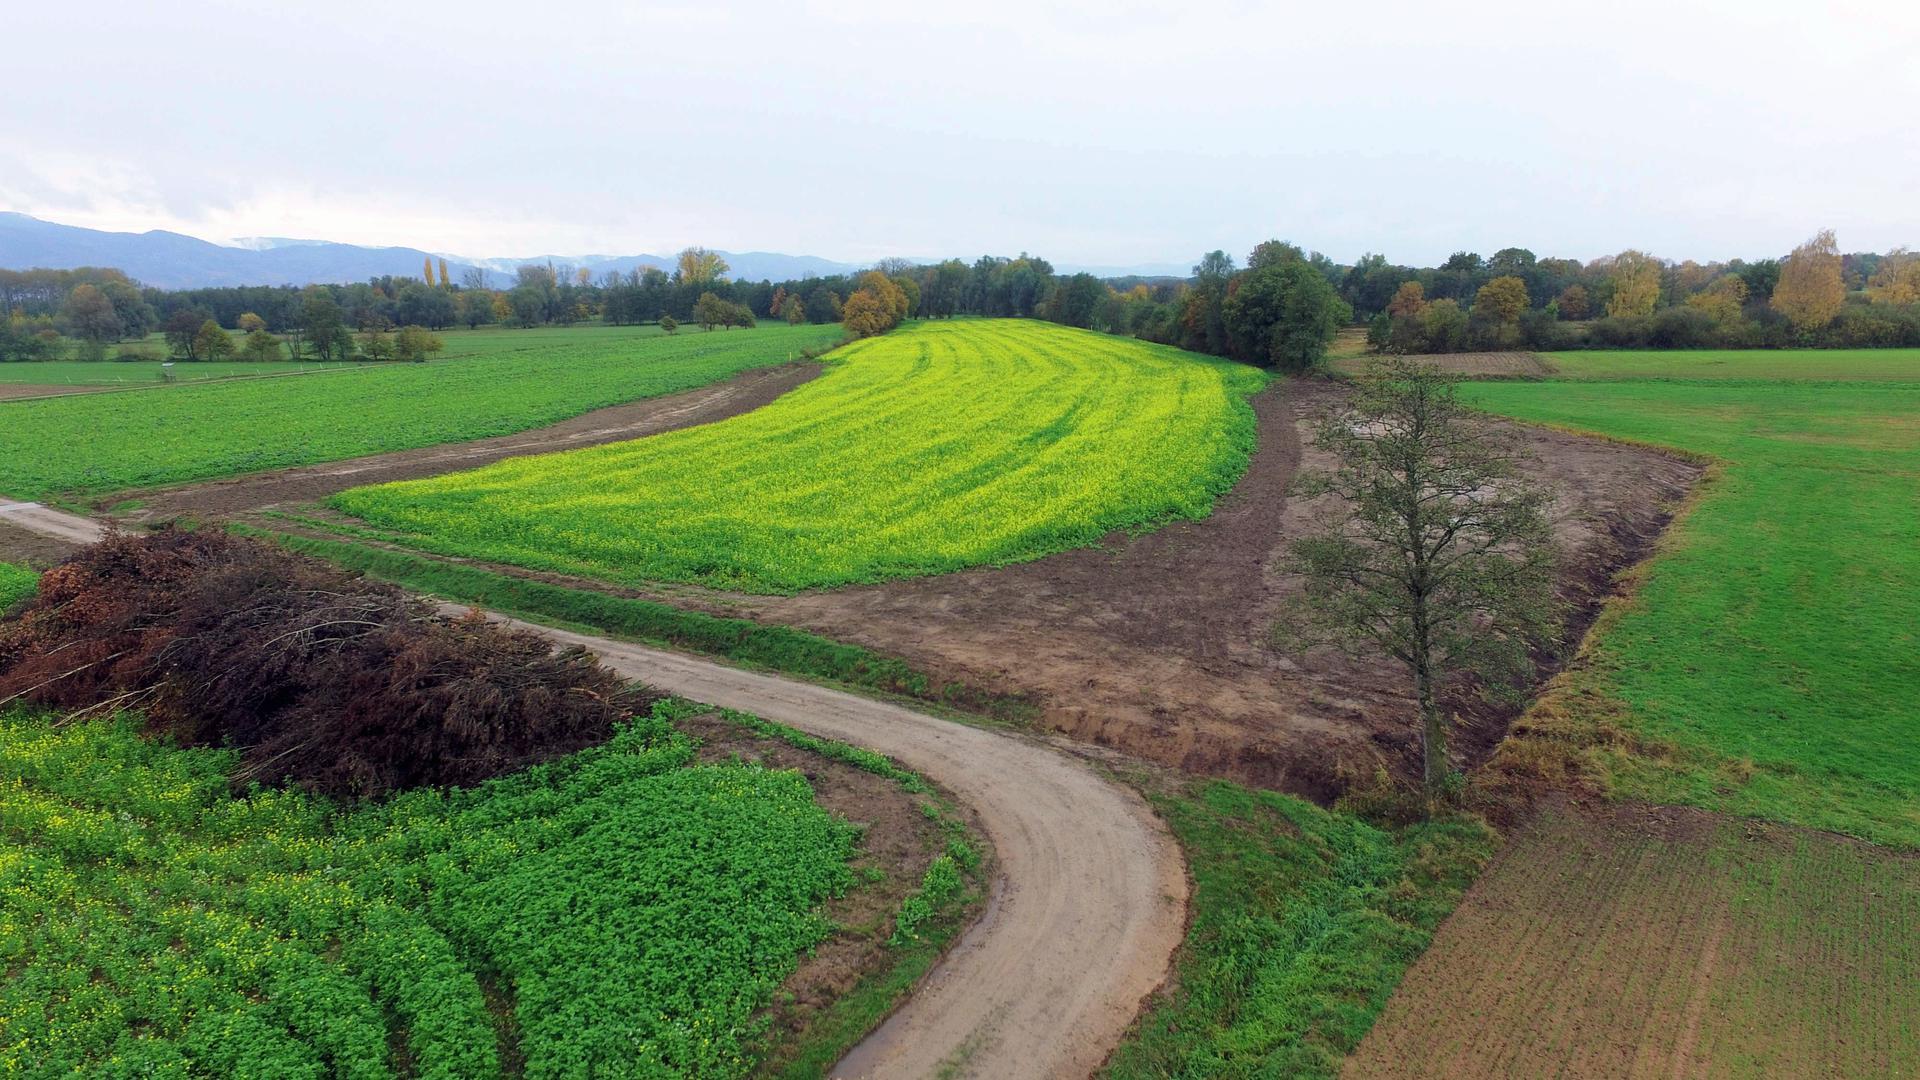 Hilfe für Bodenbrüter: Im Gewann Prinzipalwiesen/Warmersbrucher Hof wurden Gehölz entfernt und Mulden angelegt. Davon sollen Kiebitz und Großer Brachvogel profitieren.